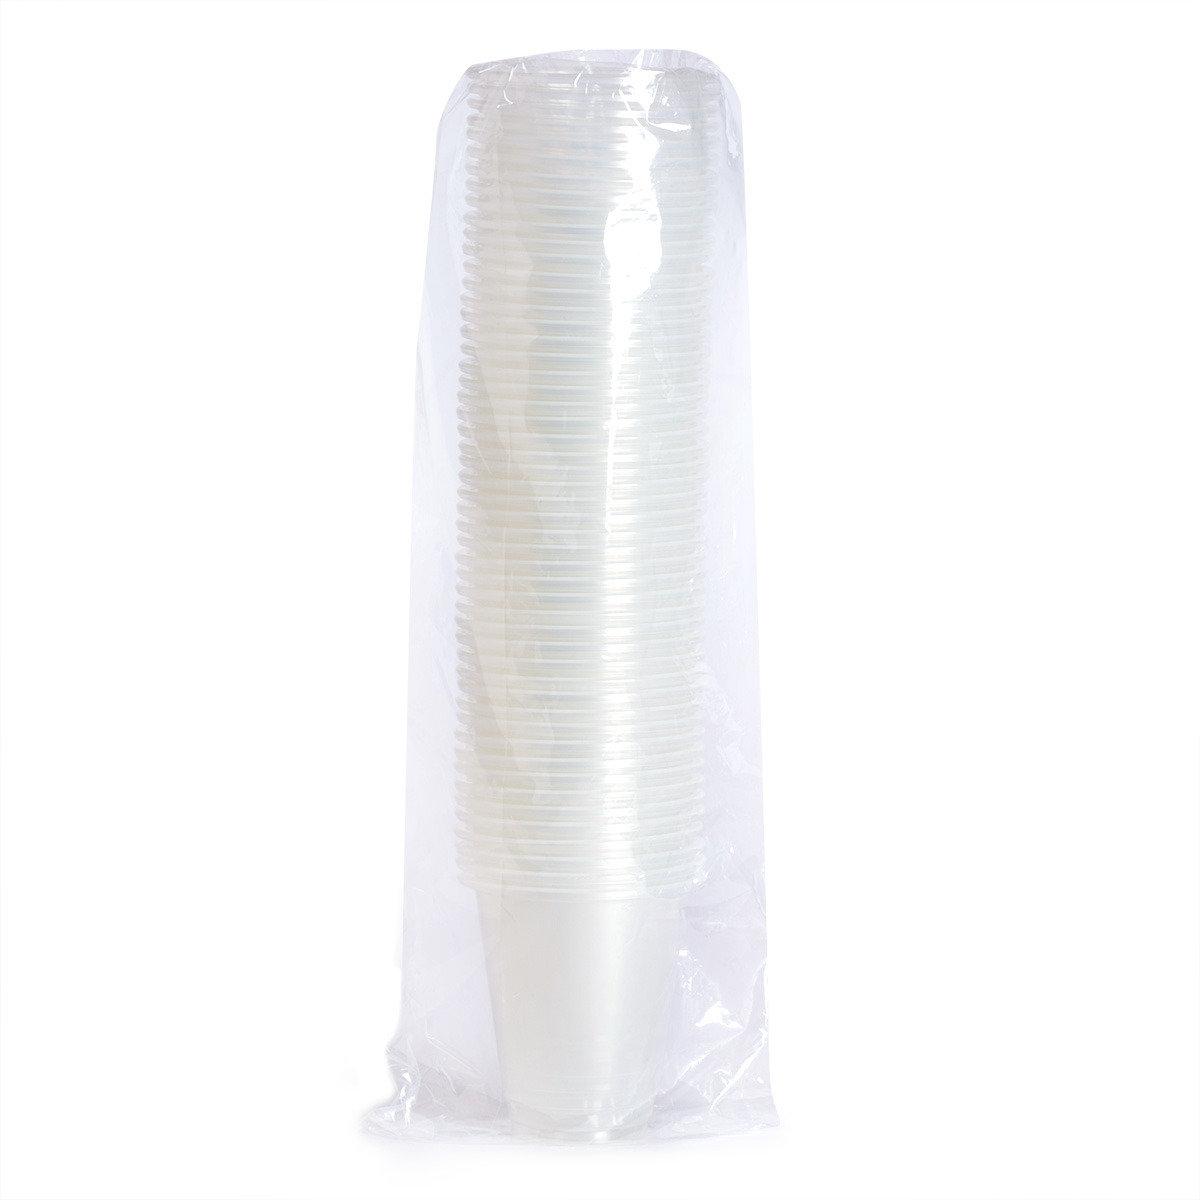 12安士透明膠杯